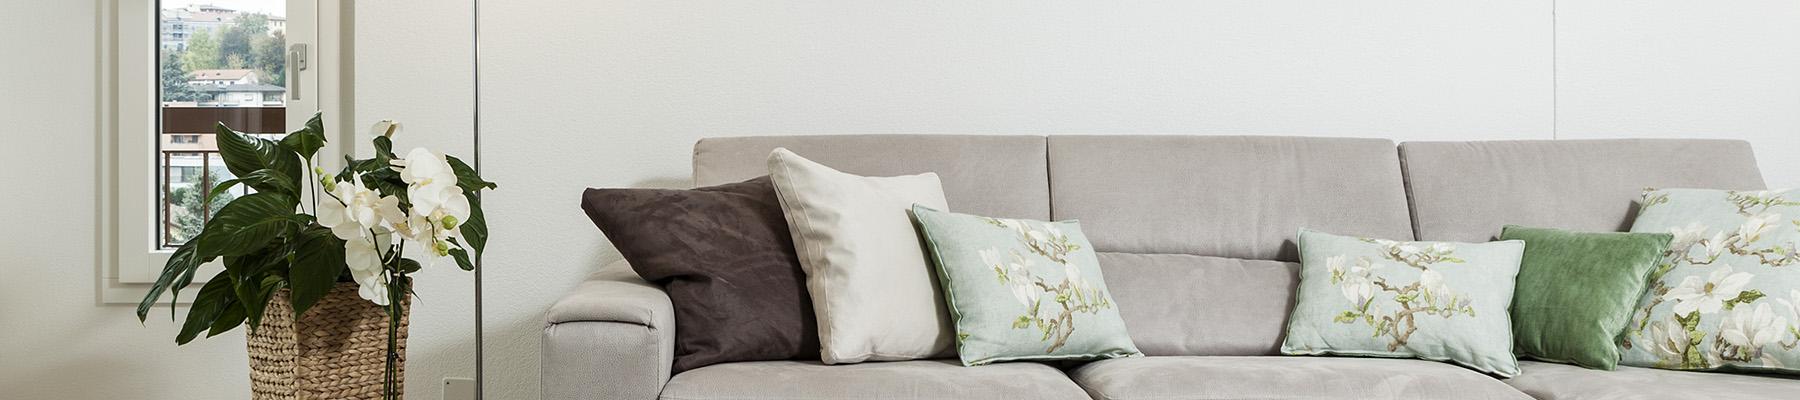 paola favretto esempio divano e vasi copertina